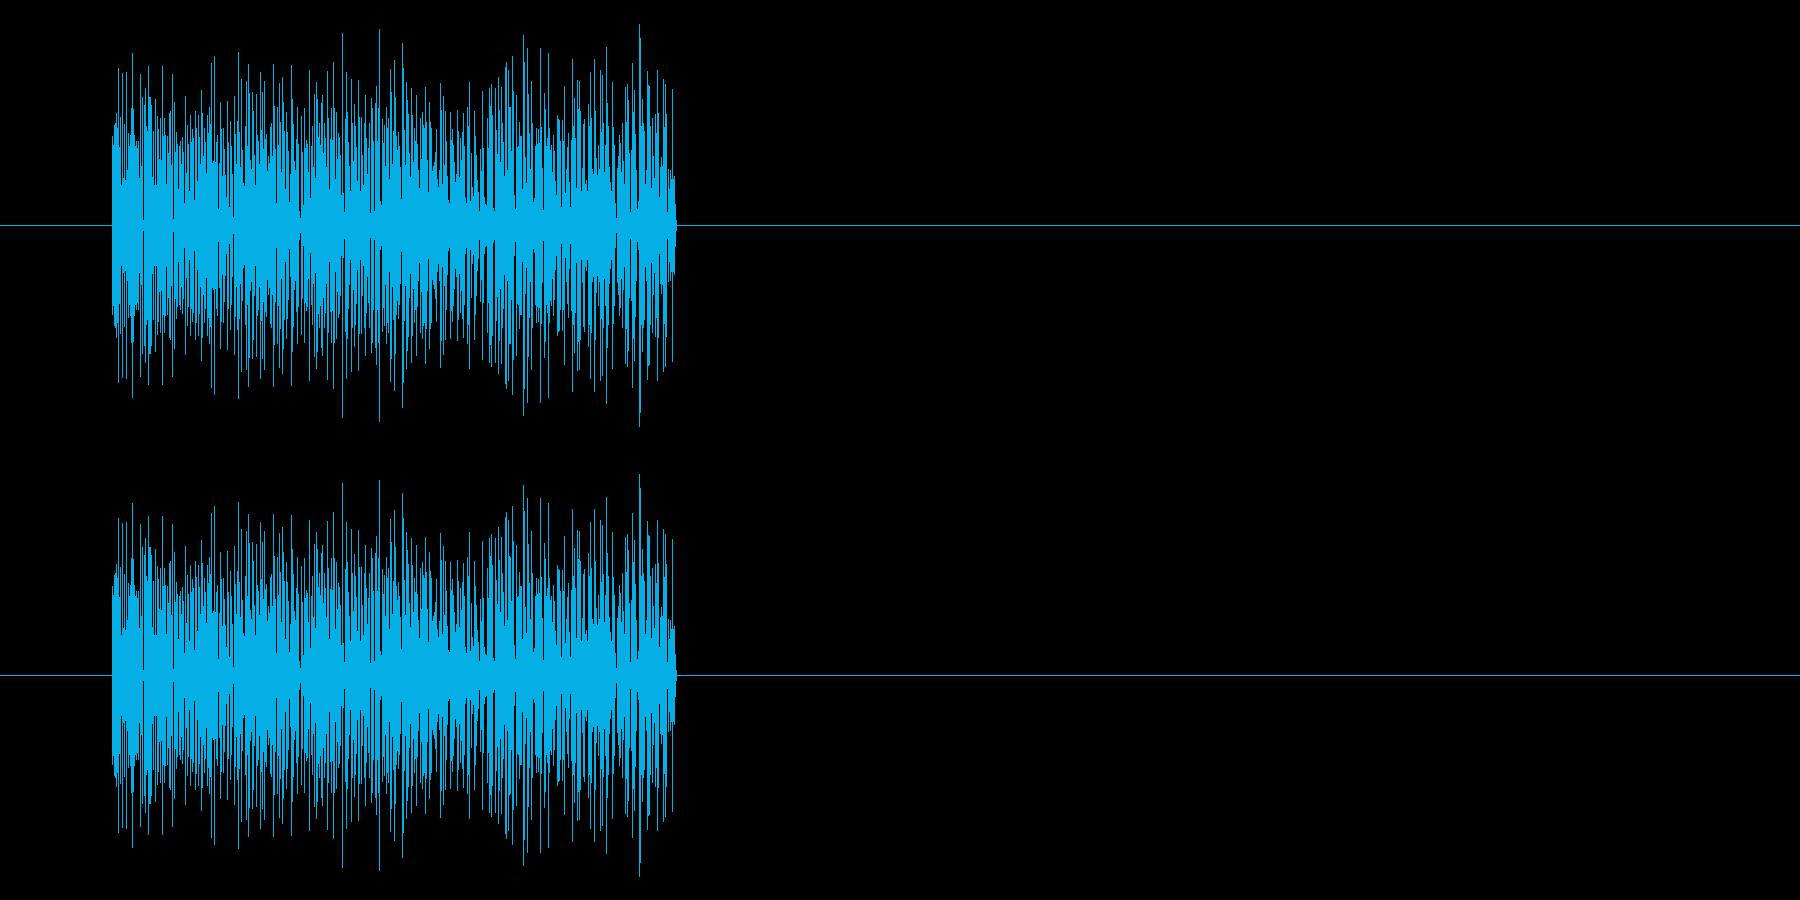 【NES RPG03-10(倒す)】の再生済みの波形